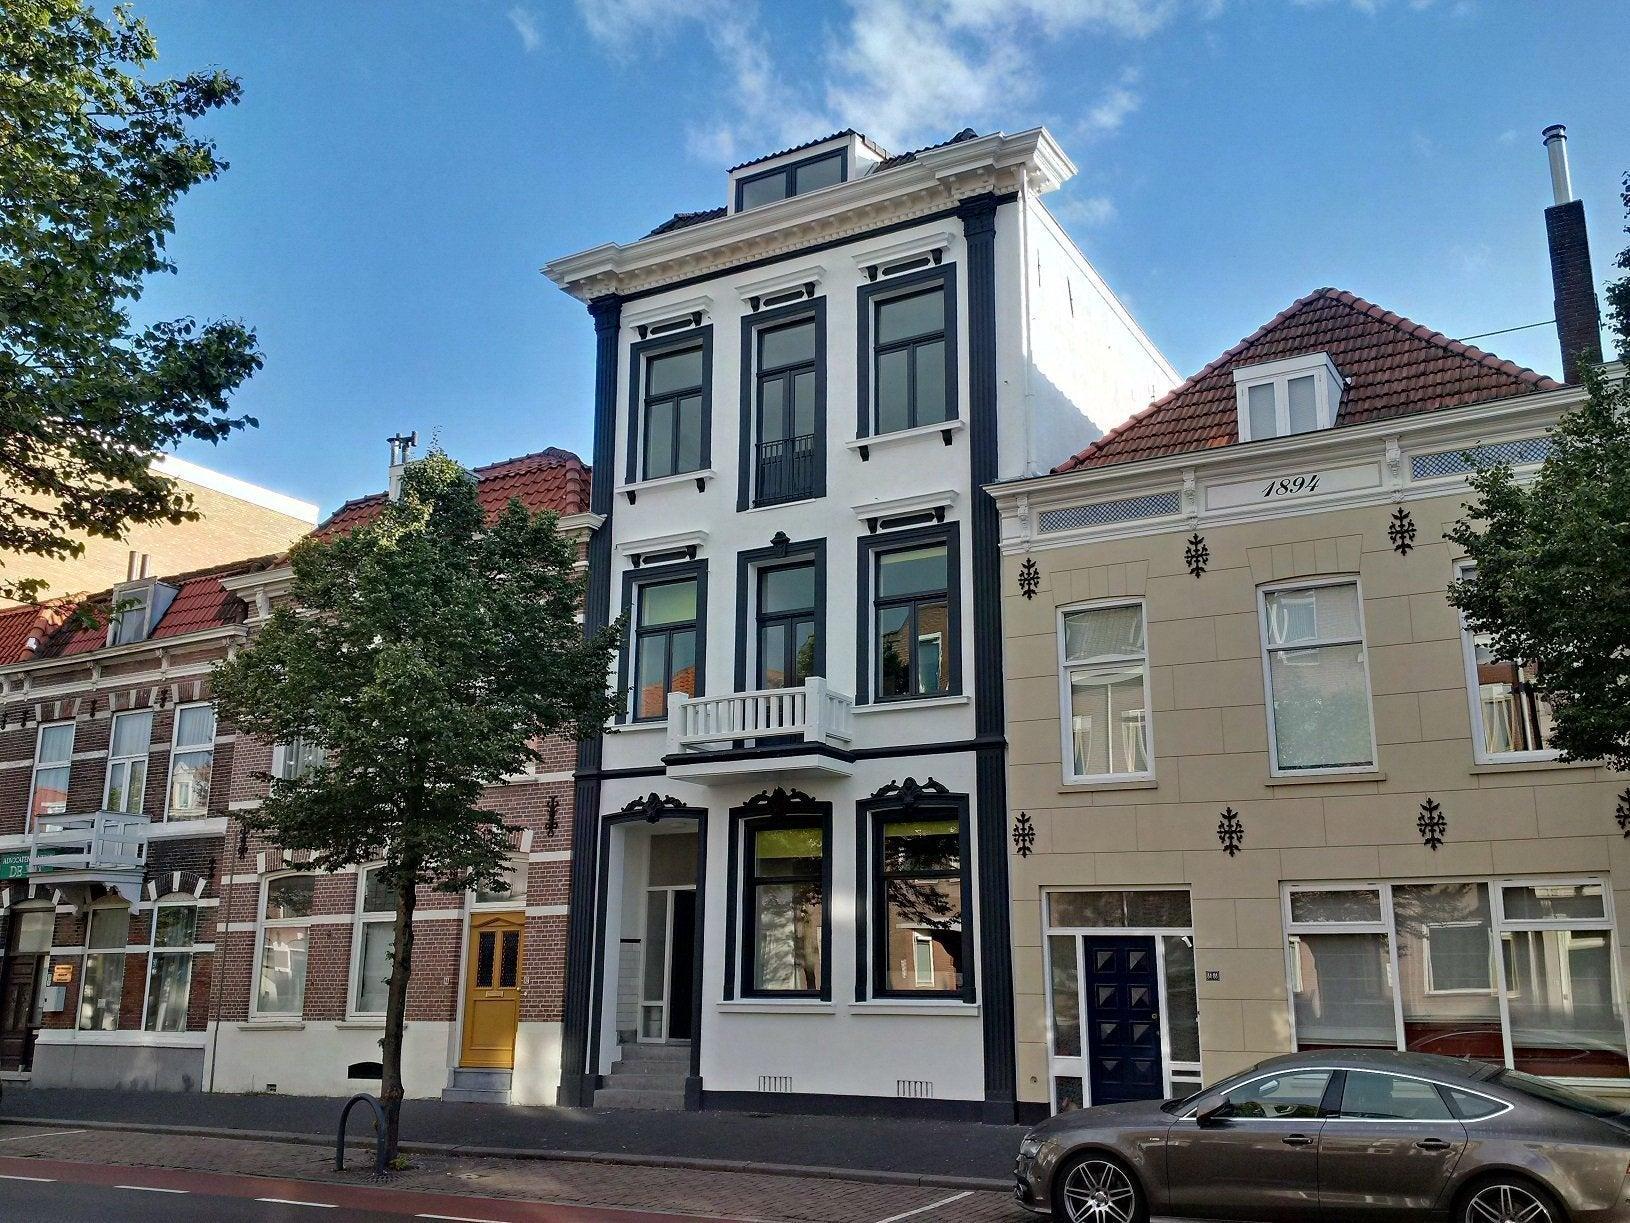 Photo of Badhuisstraat, Vlissingen